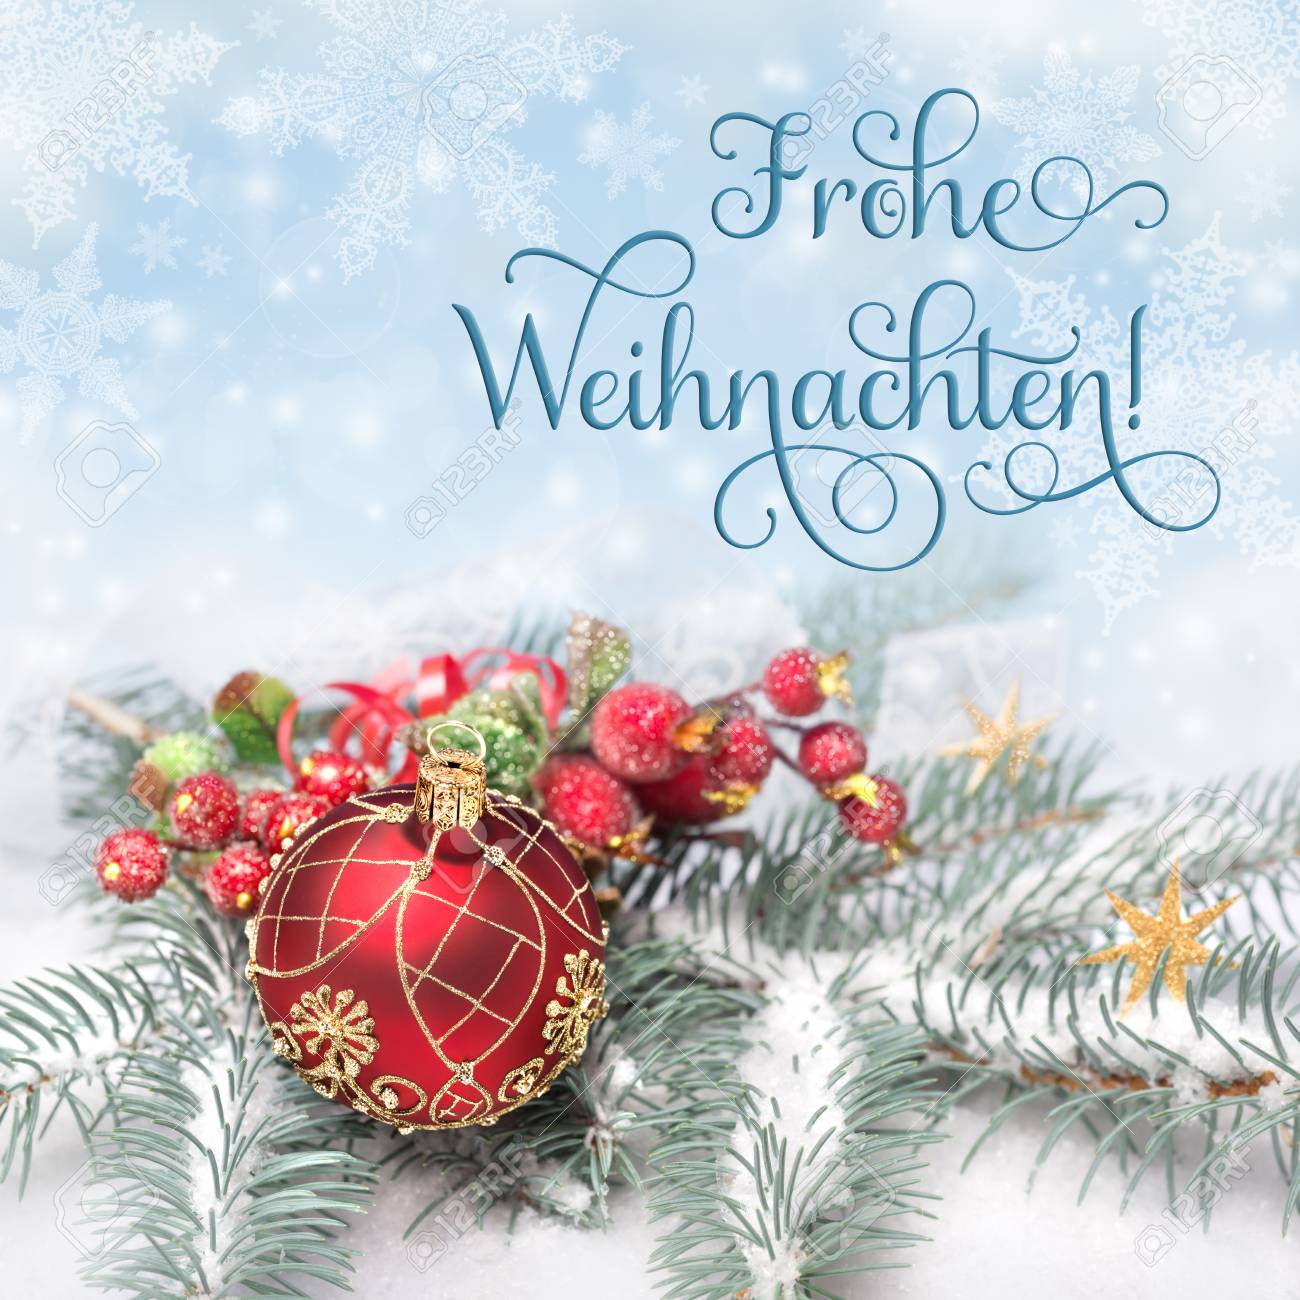 Grüße Frohe Weihnachten.Red Weihnachtsschmuck Auf Neutralem Hintergrund Winter Gruß Frohe Weihnachten Oder Merry Christmas Auf Deutsch